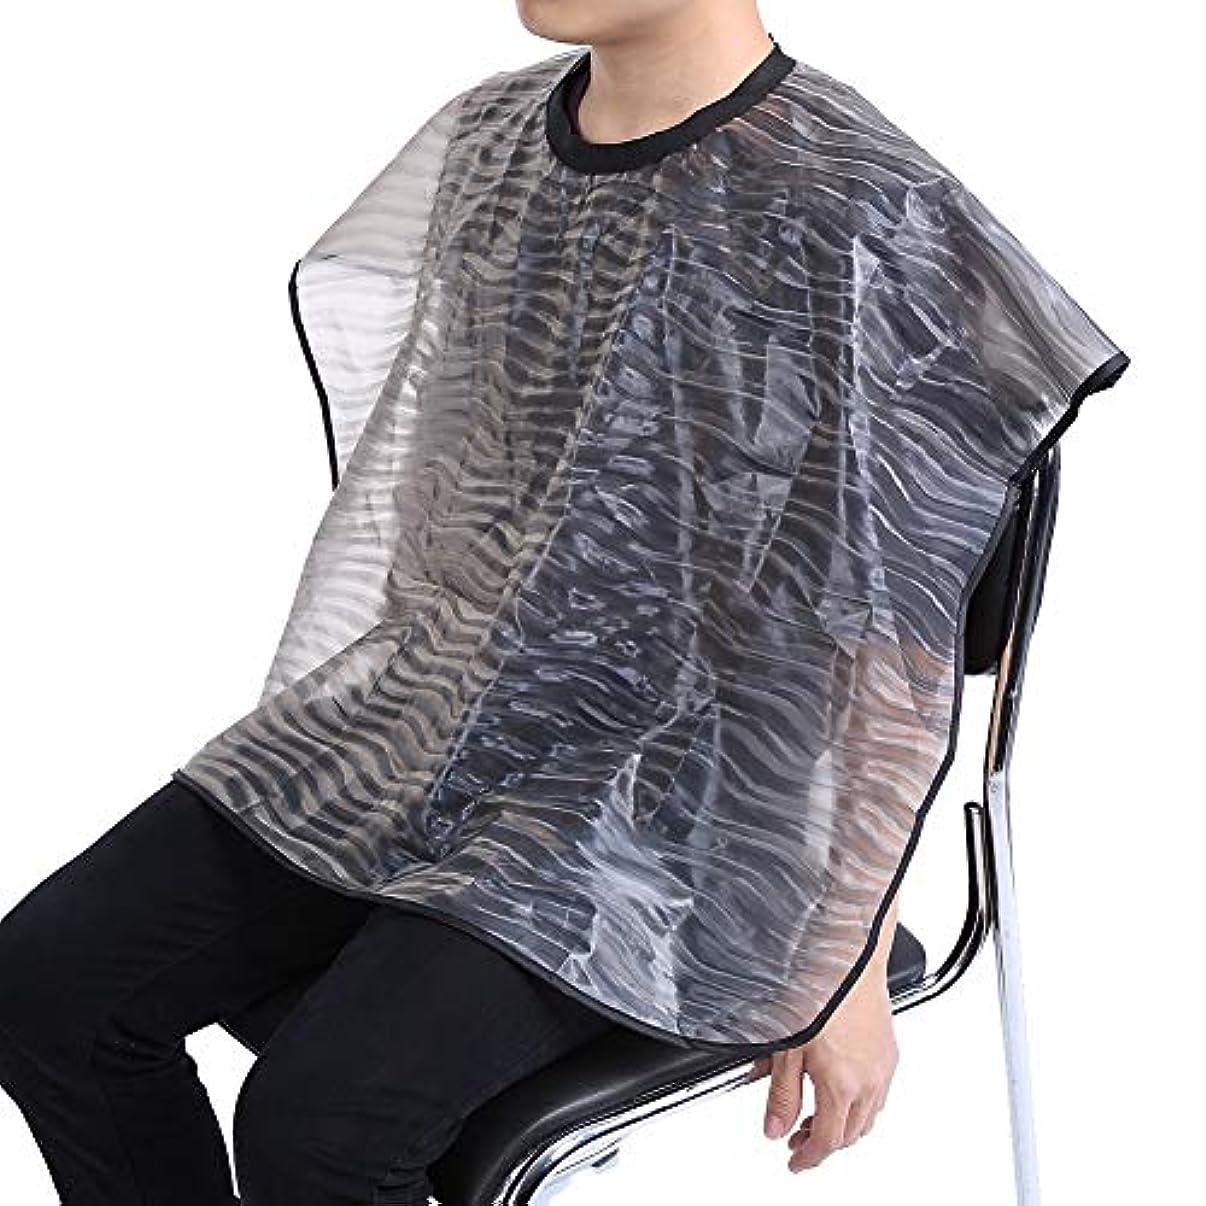 2サイズ 防水 再利用可能 サロン 理髪布 耐久 ヘアスタイリスト ガウンバーバーケープ(01)